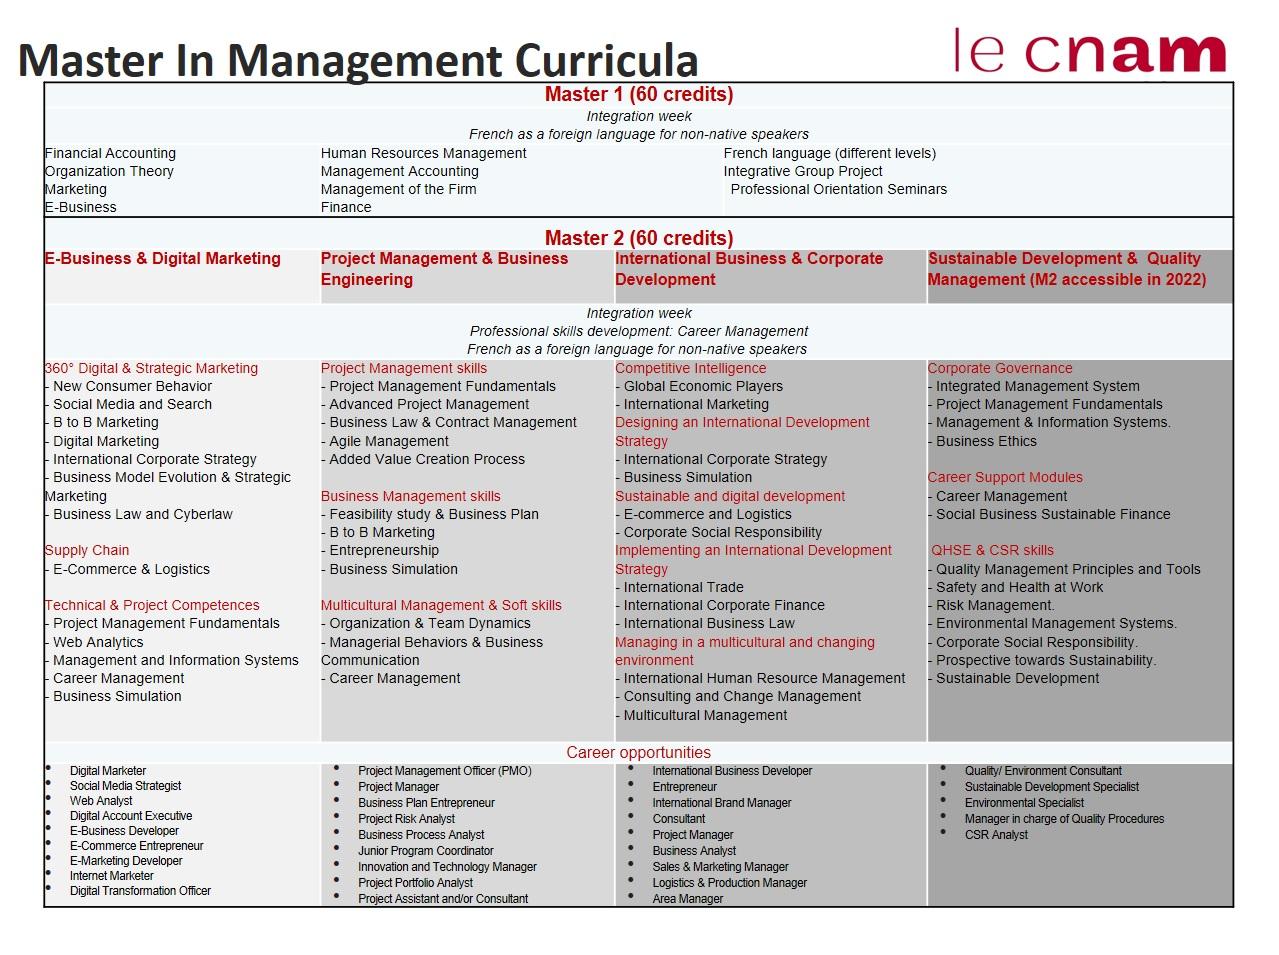 MIM Curriculum